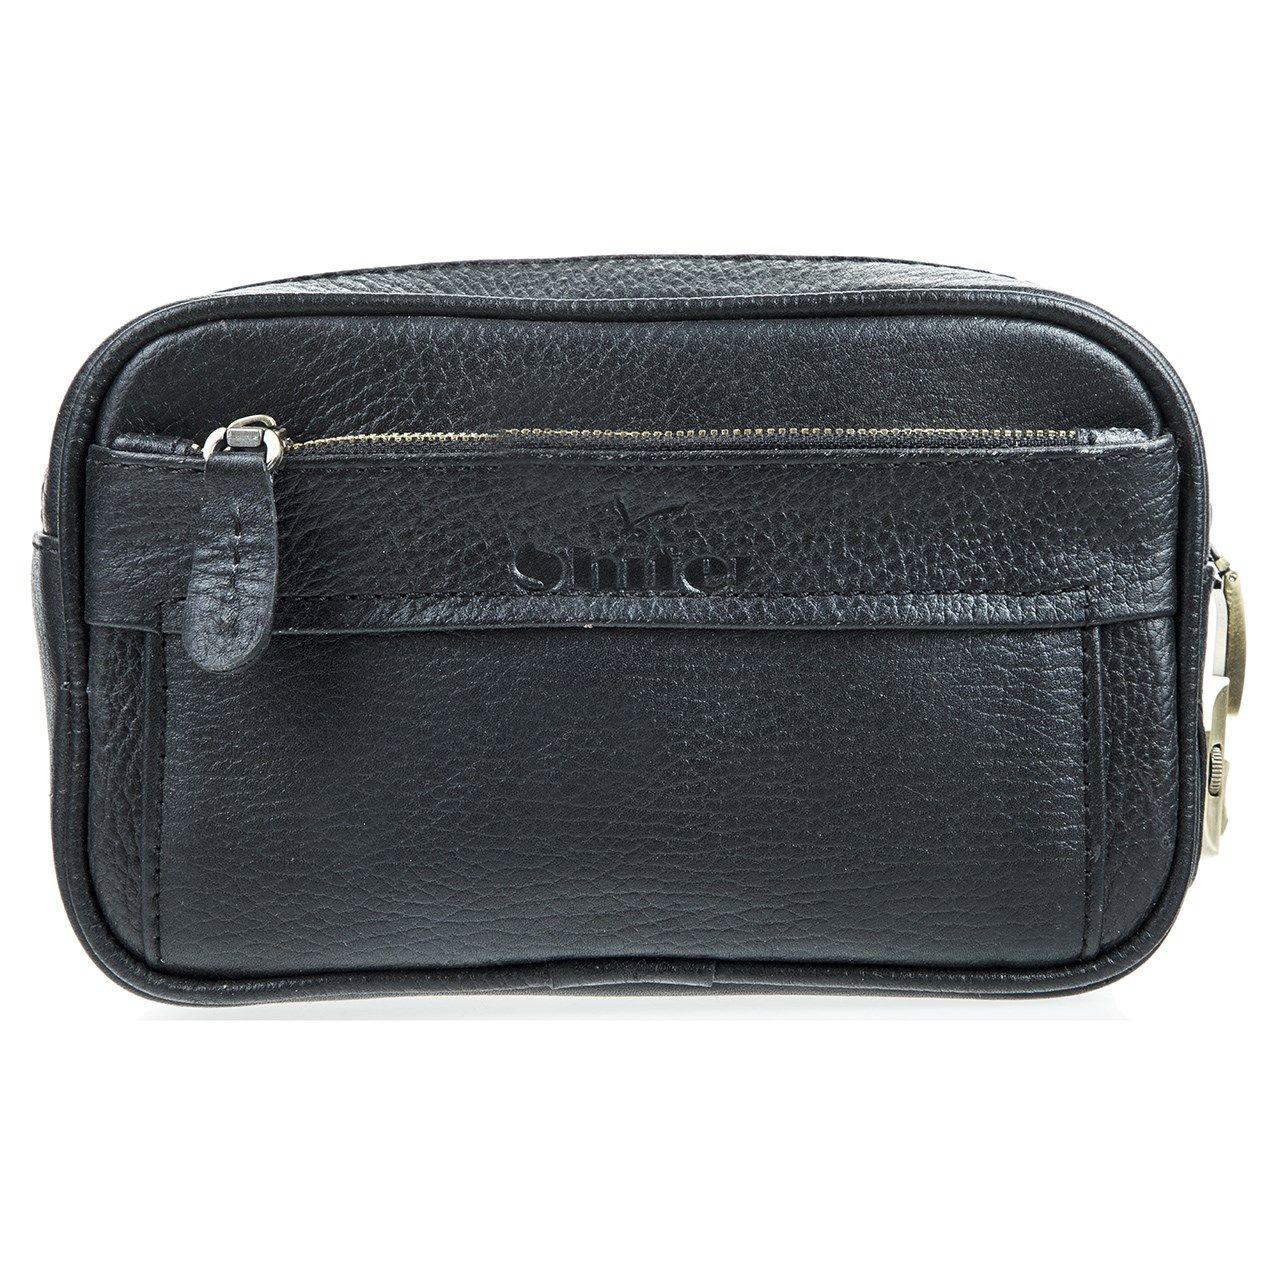 کیف دستی زنانه شیفر مدل 9850B01 -  - 1